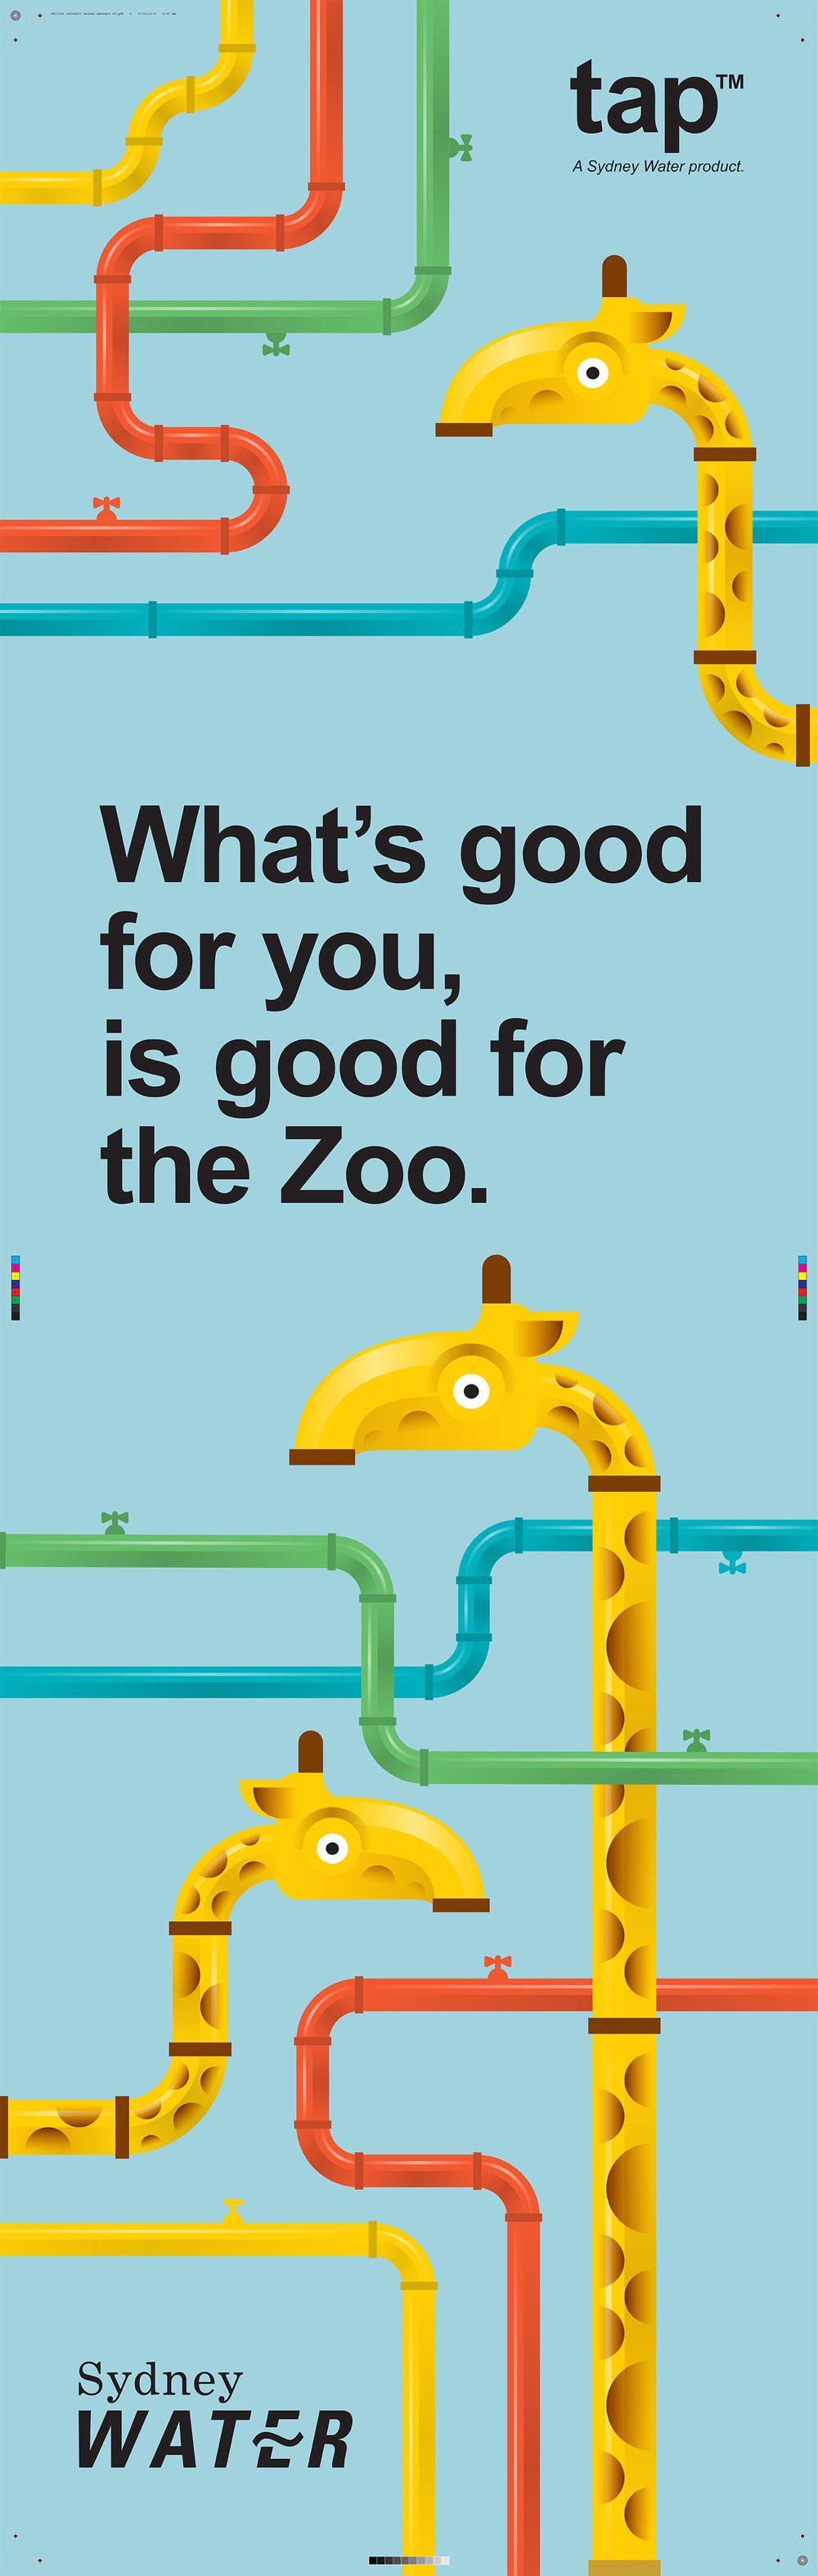 sydneywater-zoo-05.jpg